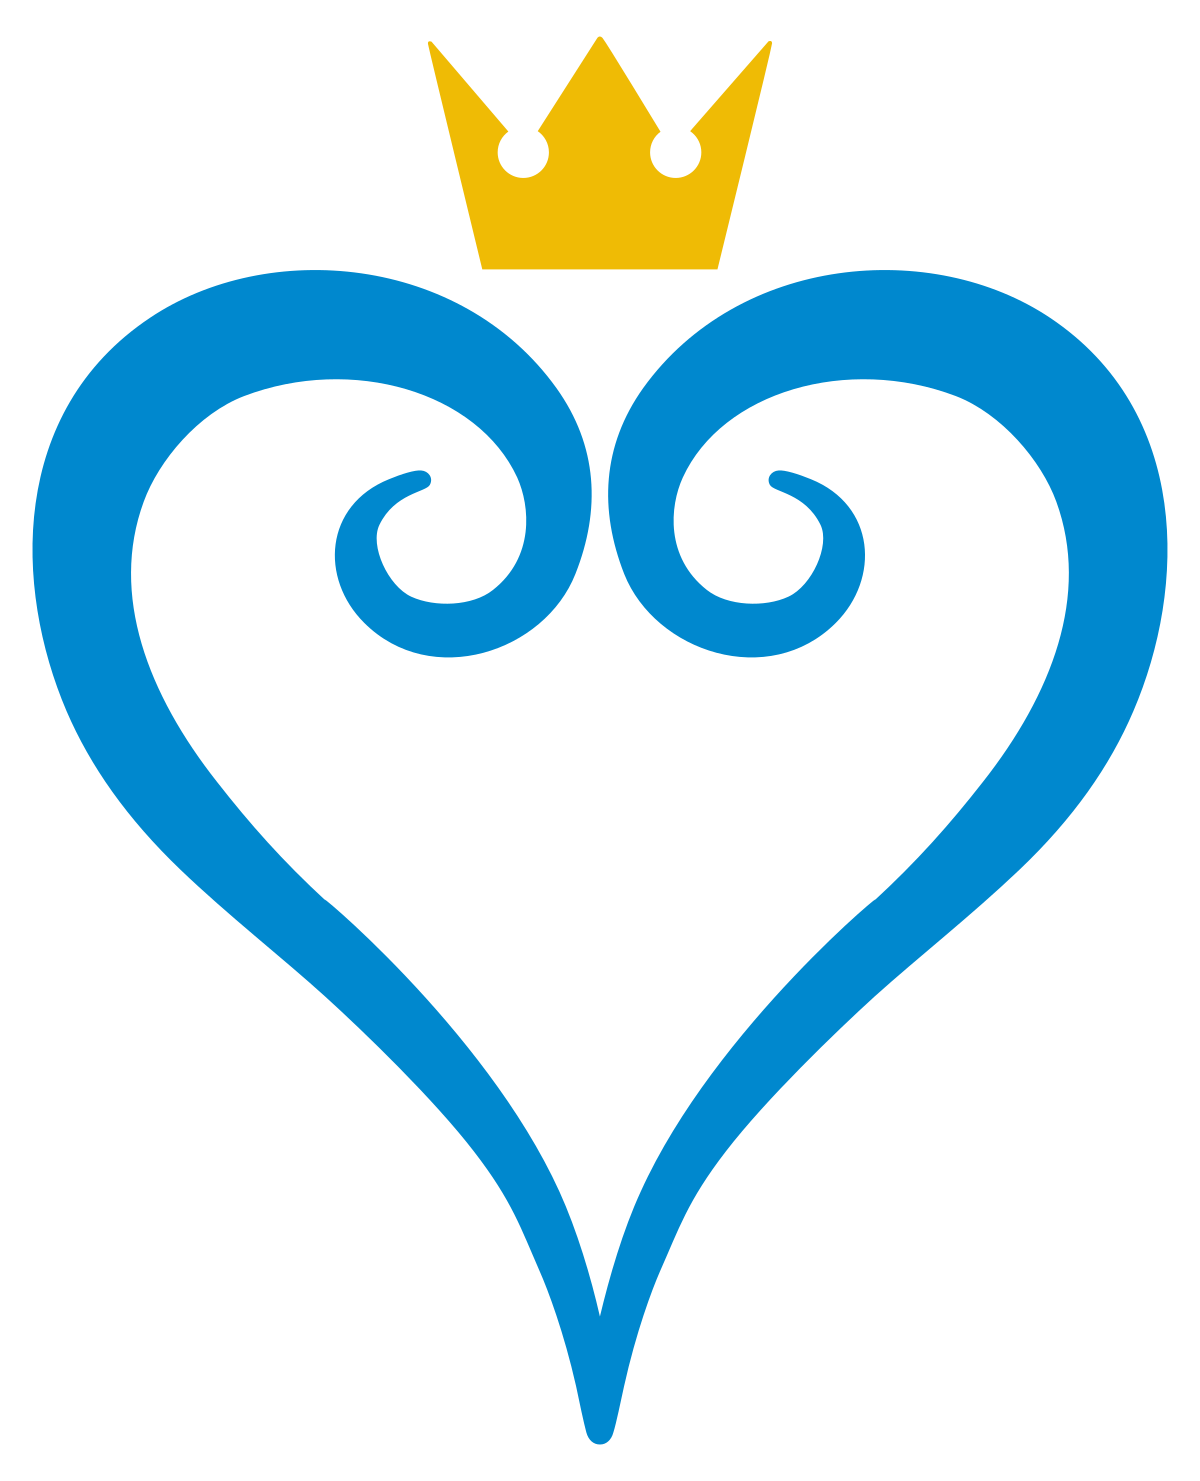 Kingdom Hearts Ii Wikiquote Kingdom Hearts Logo Kingdom Hearts Kingdom Hearts Art